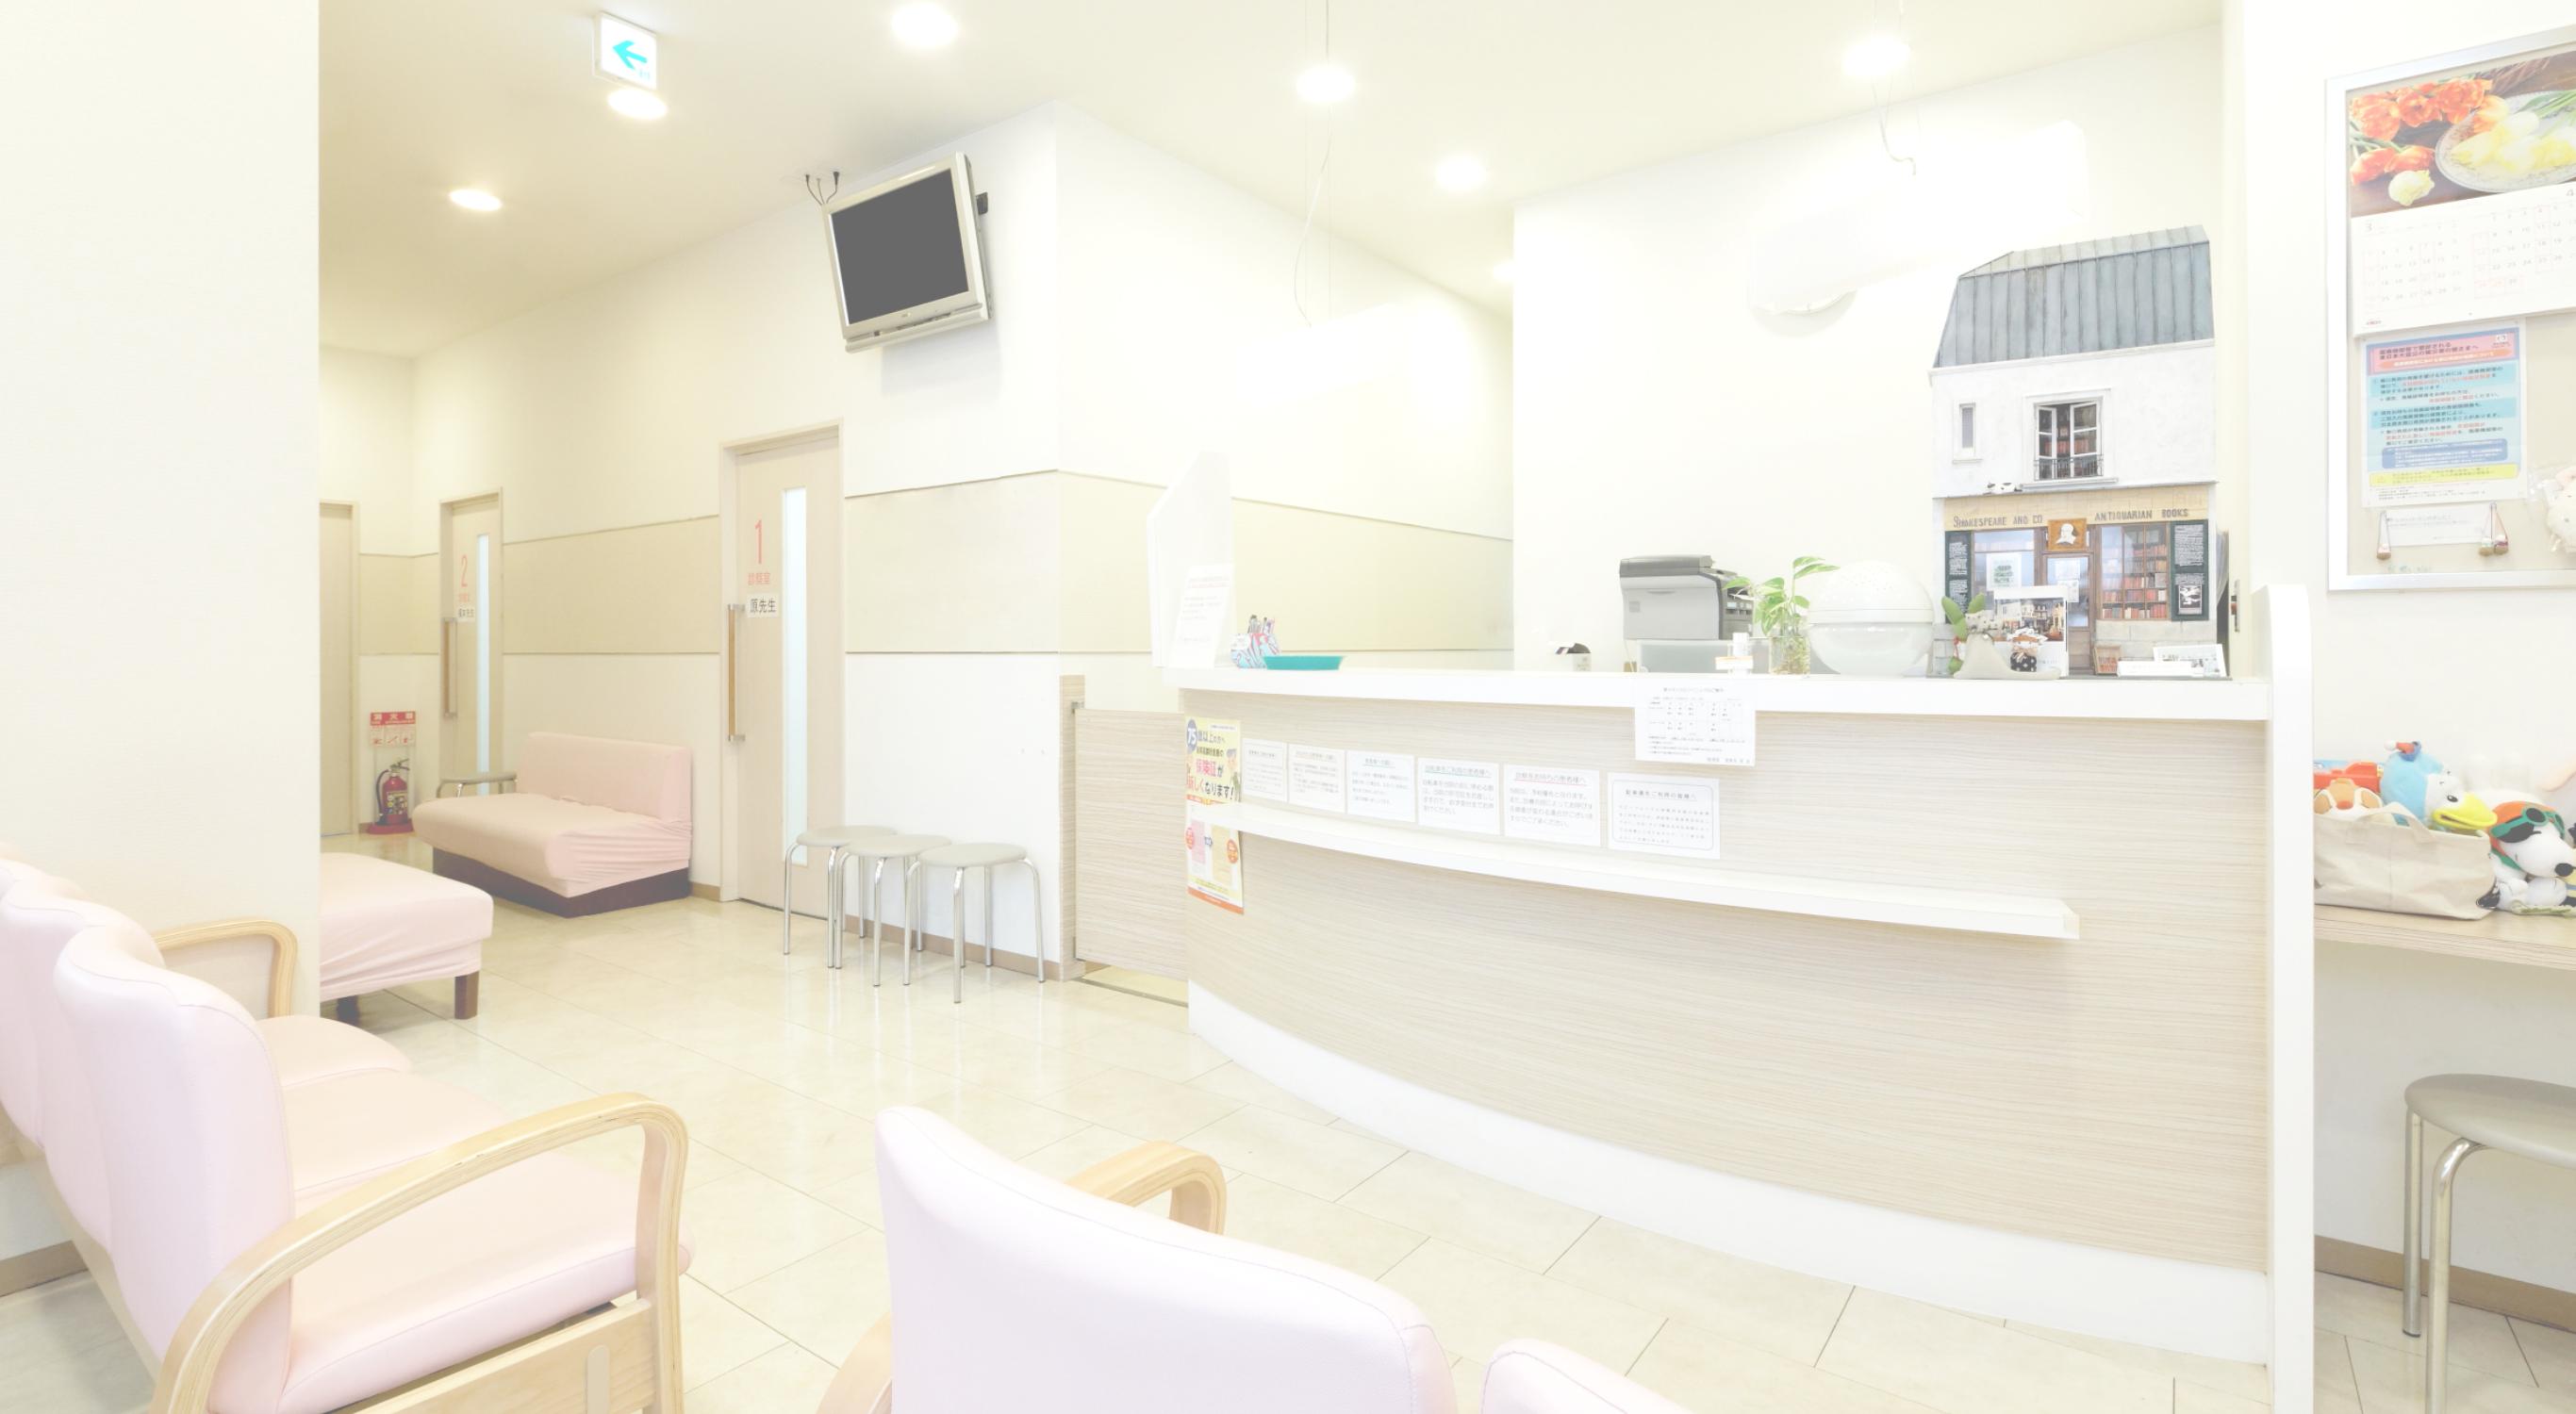 内科、乳腺外科、甲状腺外科、外科の診療に対応 マンモグラフィや超音波検査による乳がん検診に力を入れています。 駐車場完備 相模大野駅 北口より徒歩7分